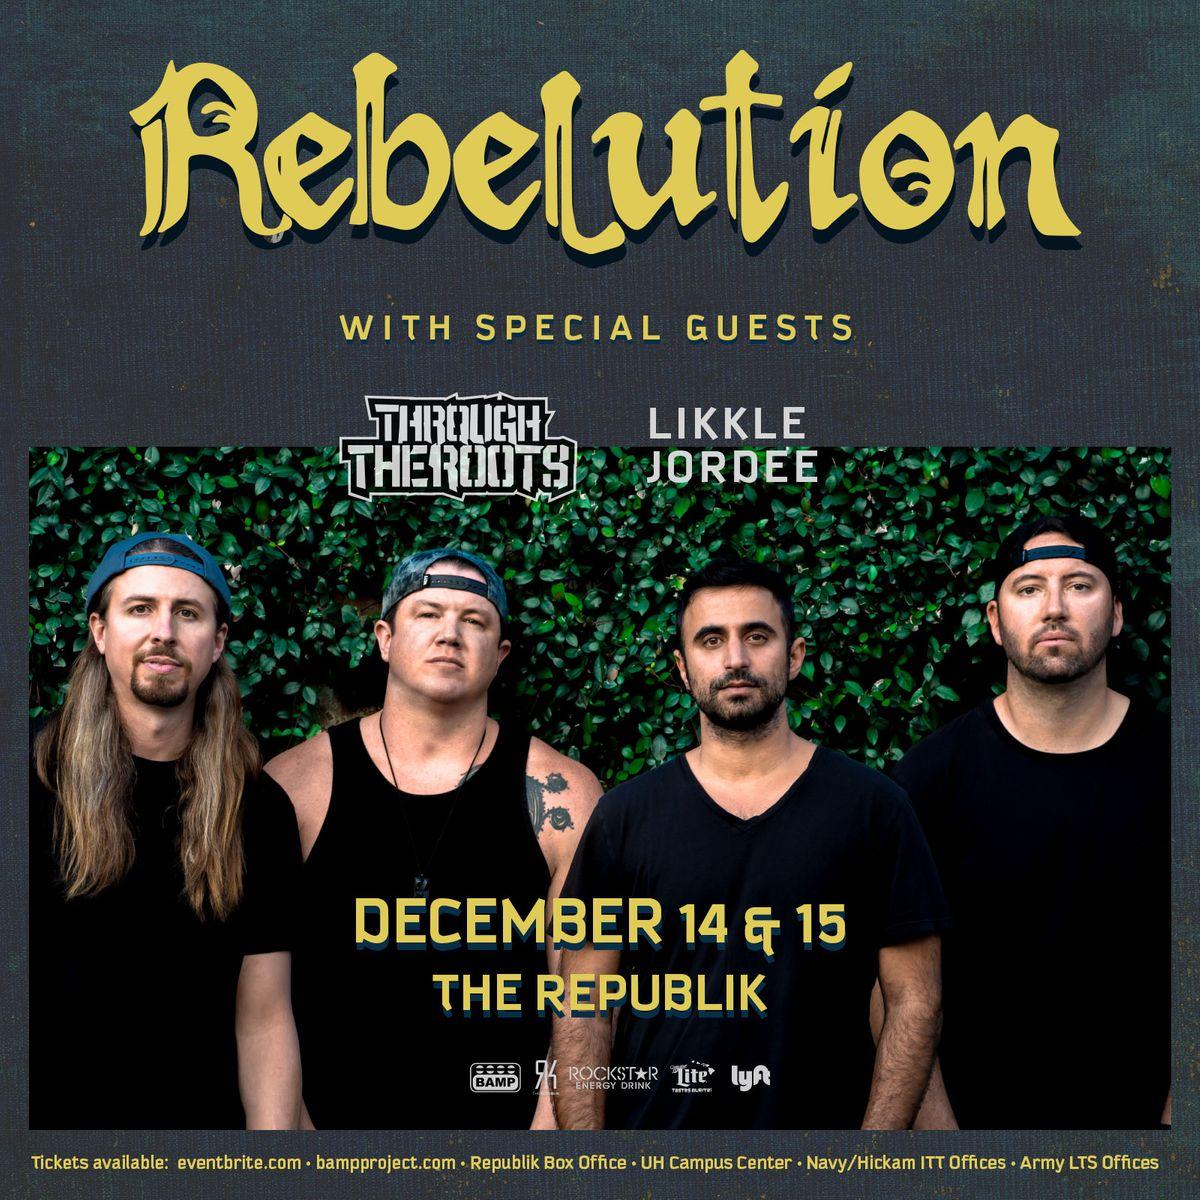 Rebelution_Oahu_ig_1600x1600.jpg